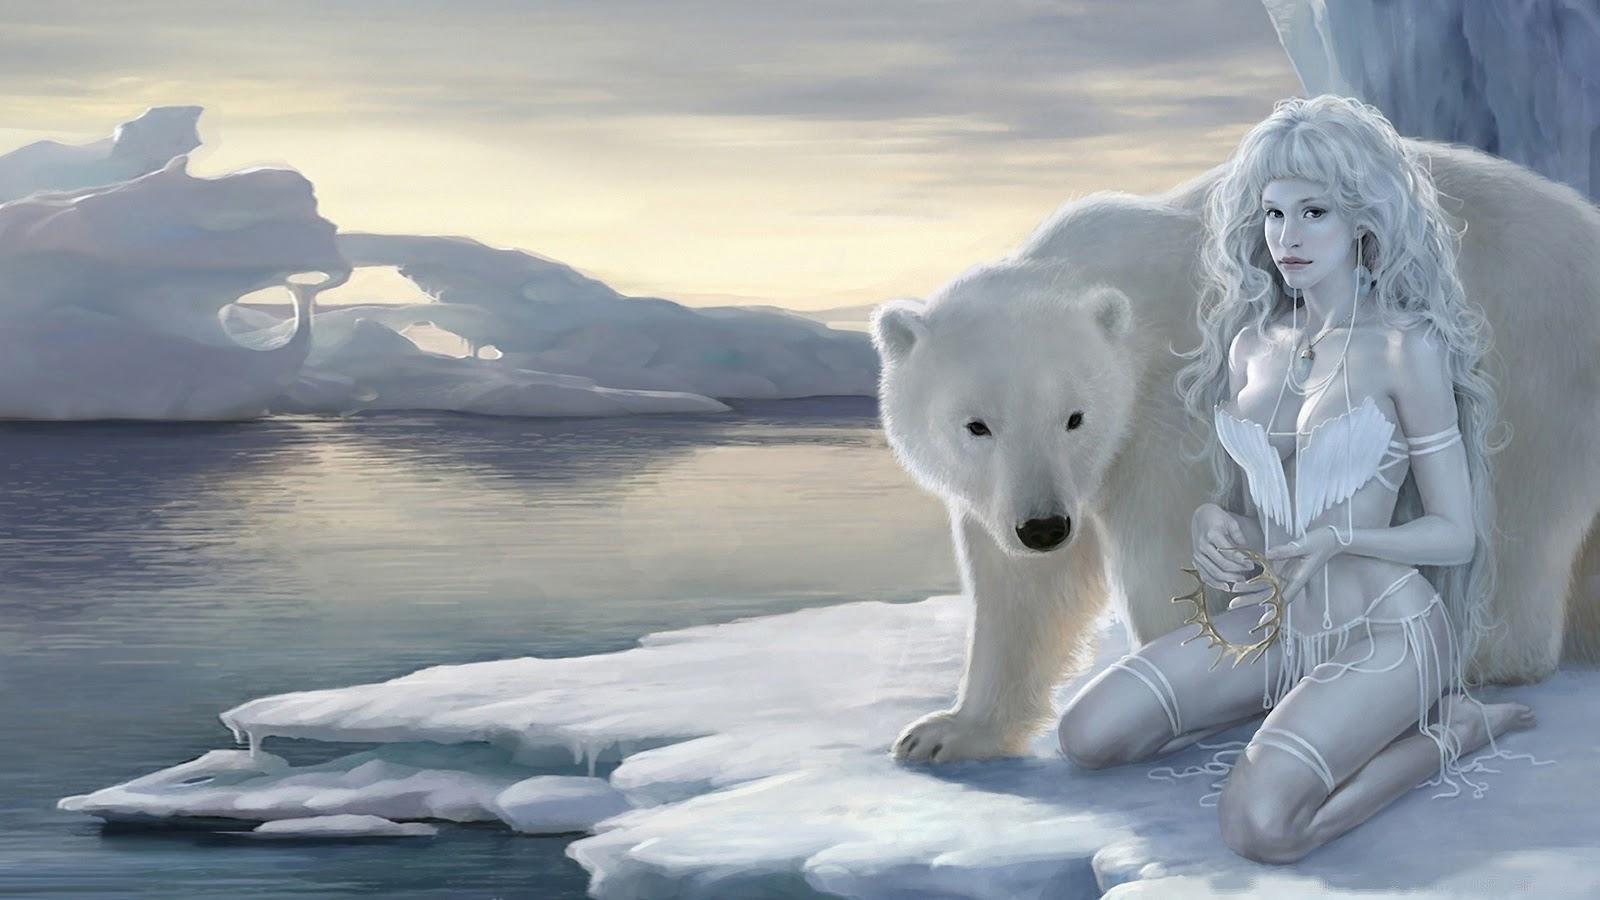 Polar Queen Ice beauty HD Wallpaper 1080p Hd Wallpaper 1600x900